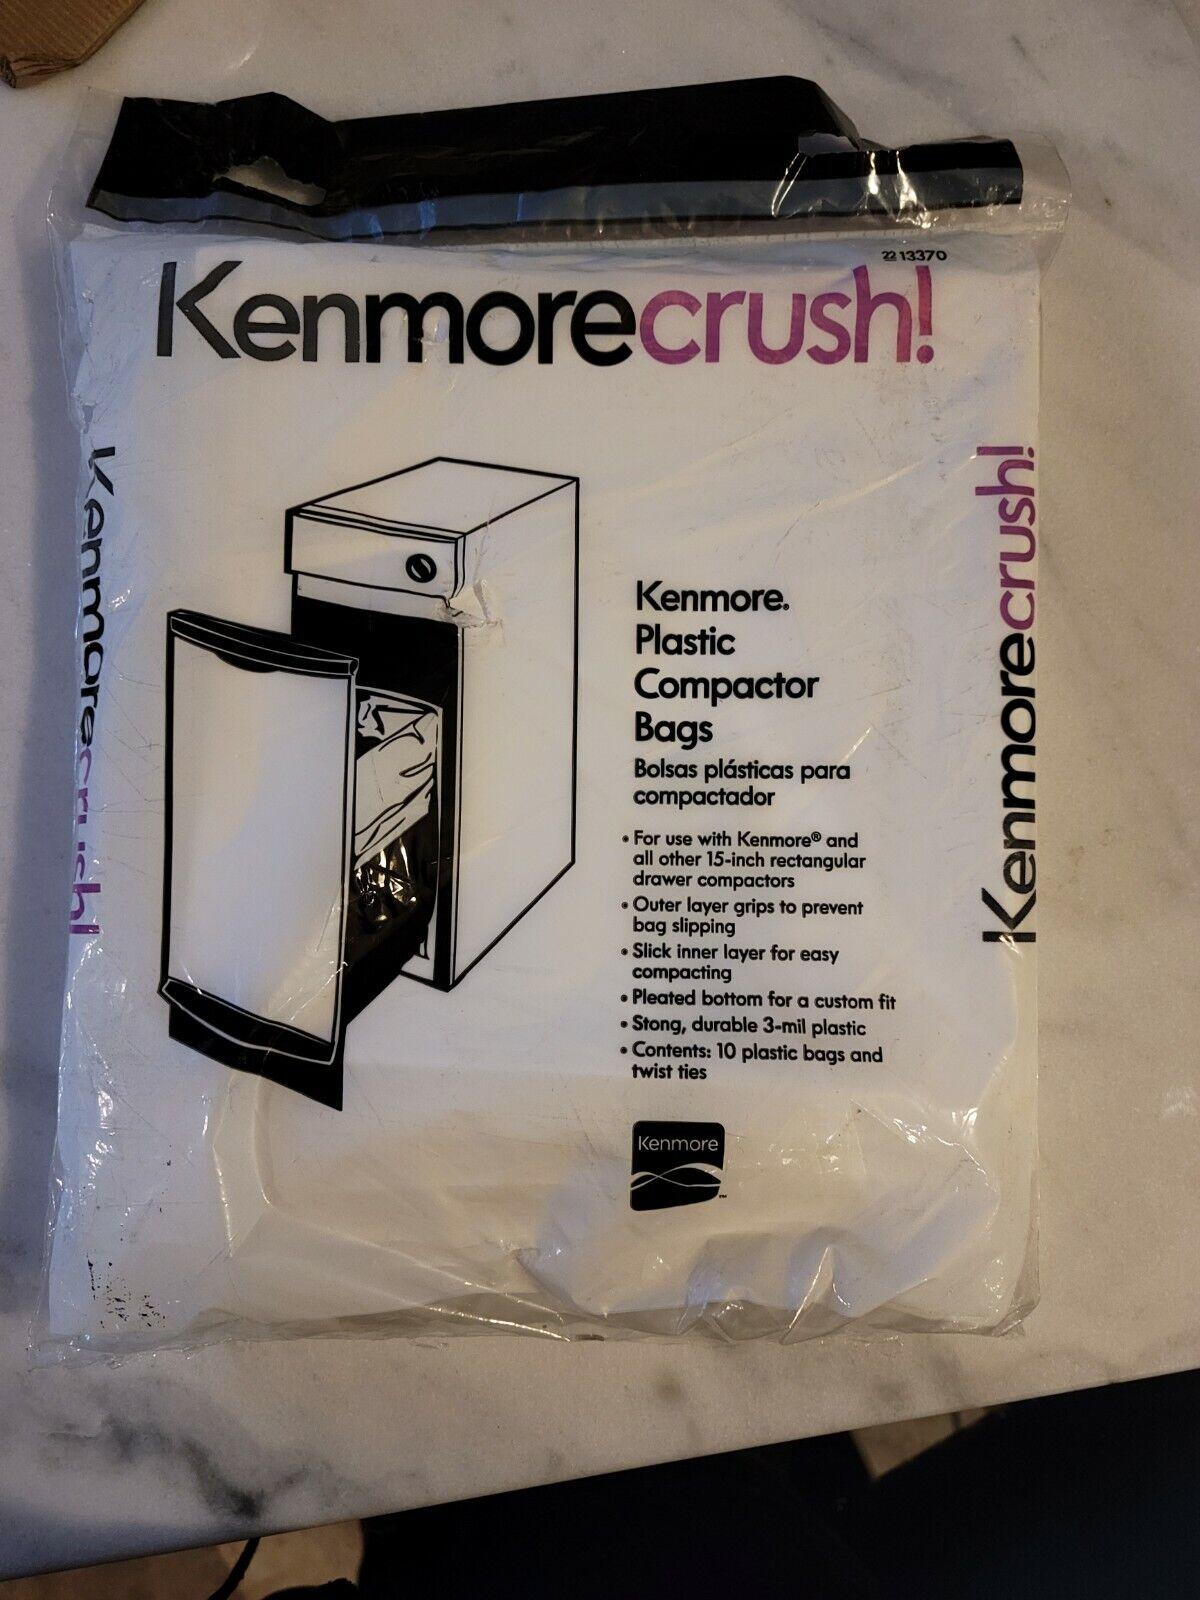 OEM Kenmore 13370 Trash Compactor Bag 10-pack Genuine Original Equipment Manufacturer Limited Edition Part